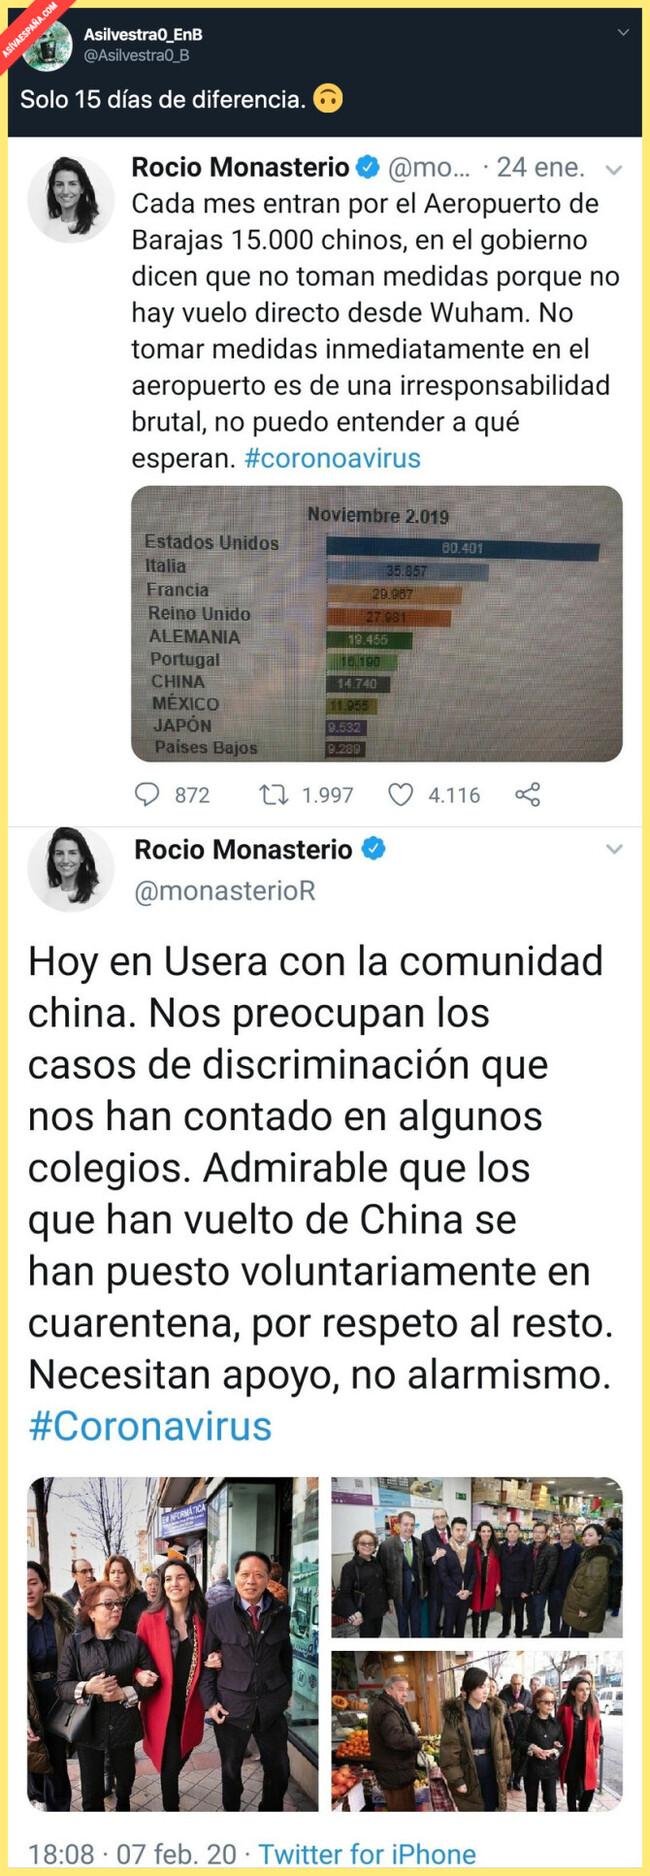 3737 - La tremenda xenofobia mostrada por Rocío Monasterio con los chinos